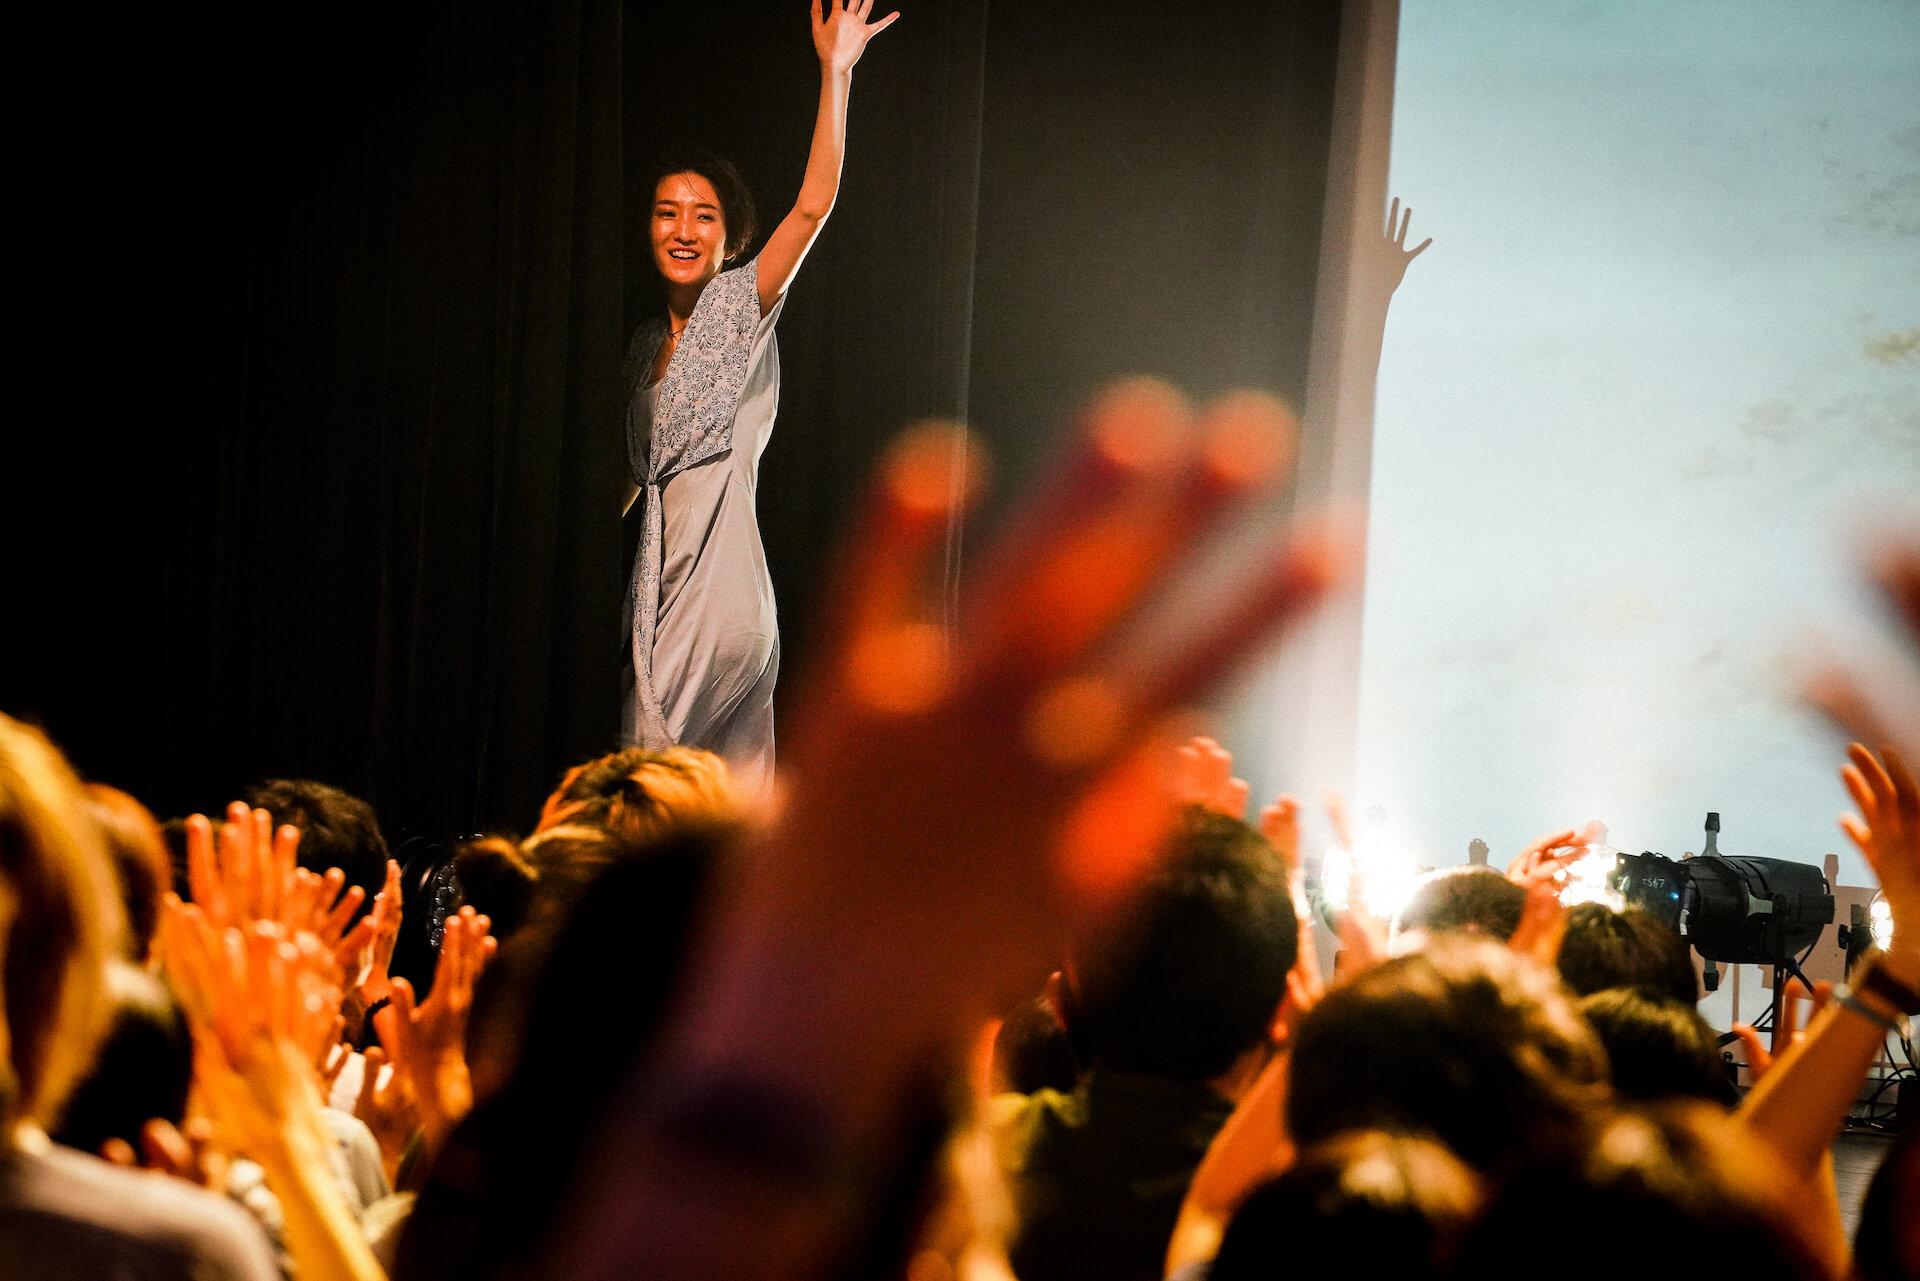 「また馬鹿な僕らで会おうぜ」━━日食なつこが1年4ヶ月ぶりの有観客ライブで魅せた<白亜>という新時代 column210712_nisshoku-natsuko-09